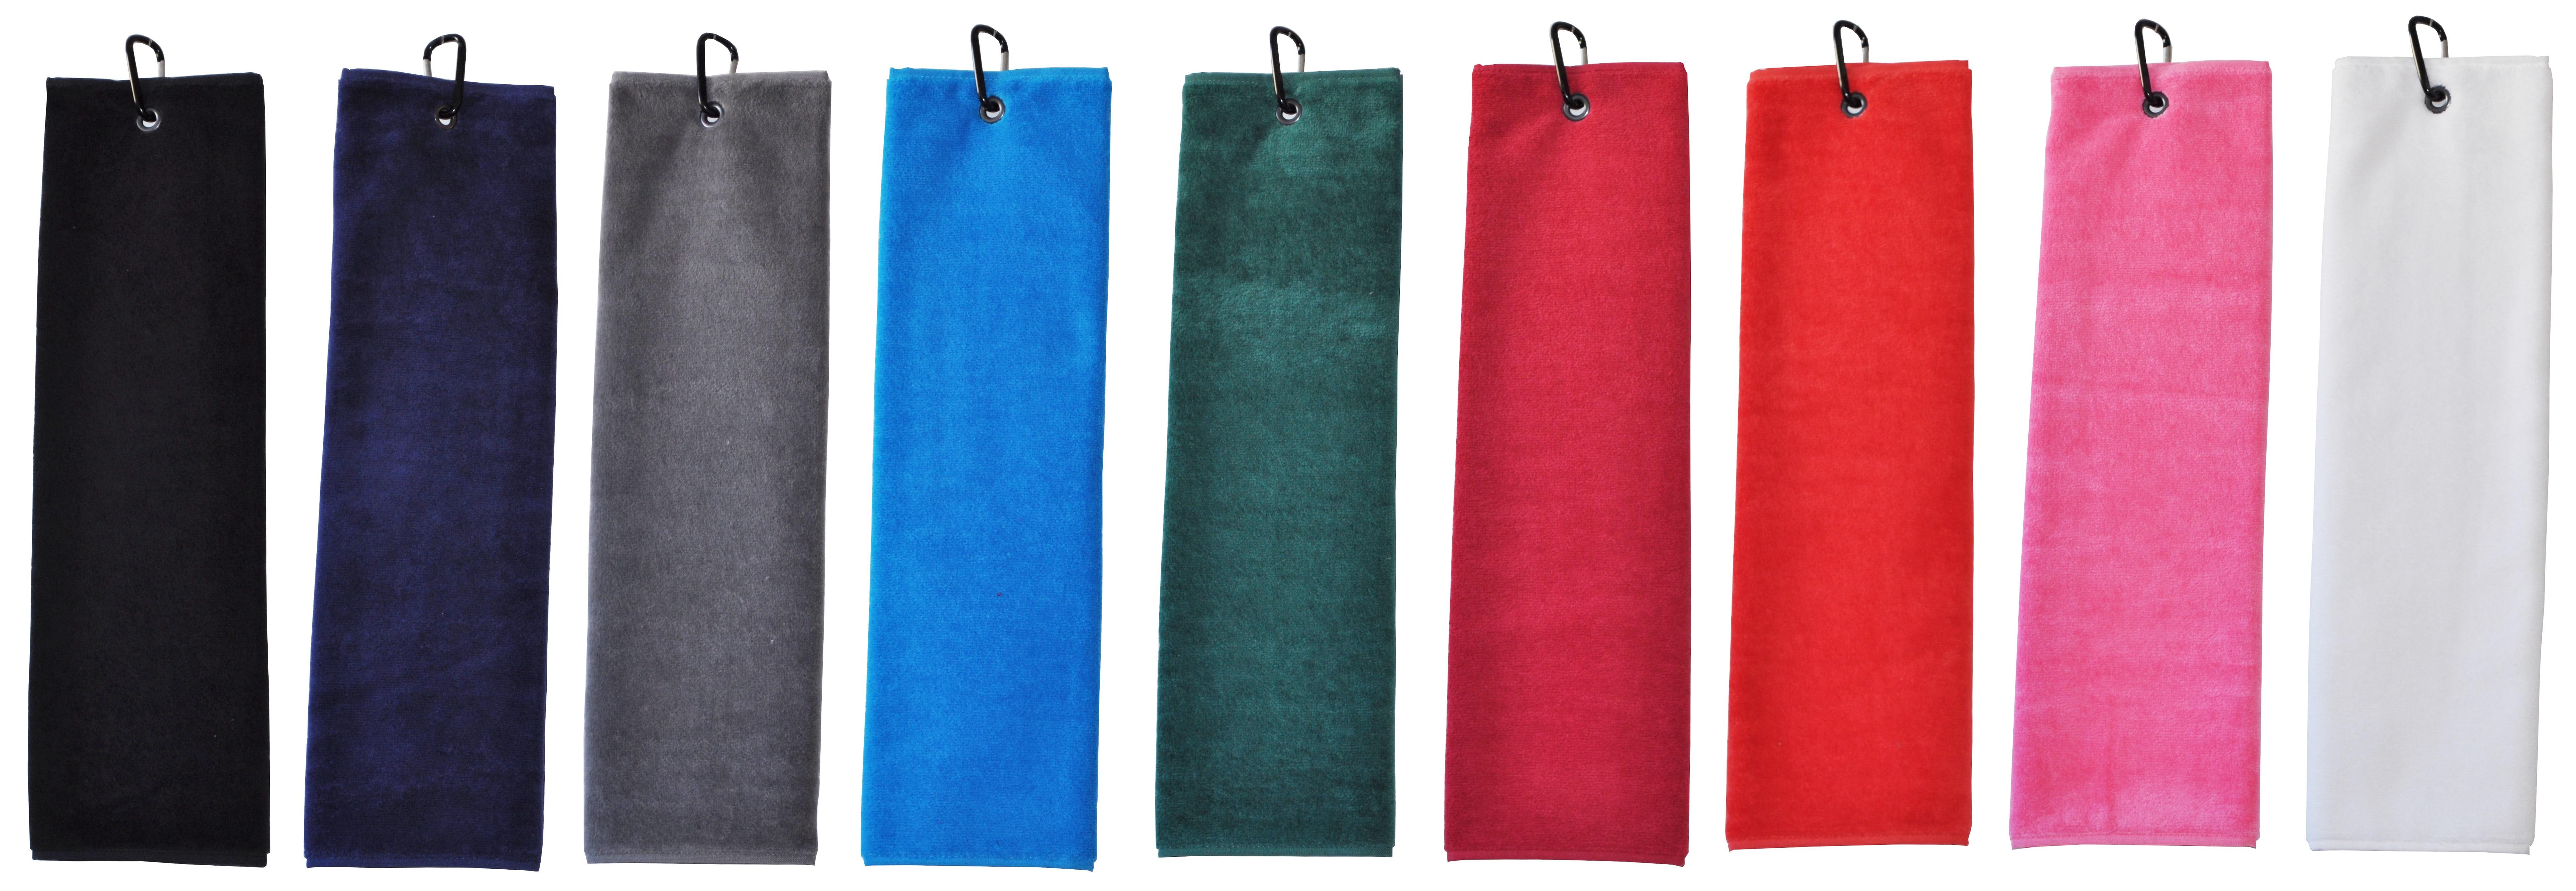 Golf towels (3)